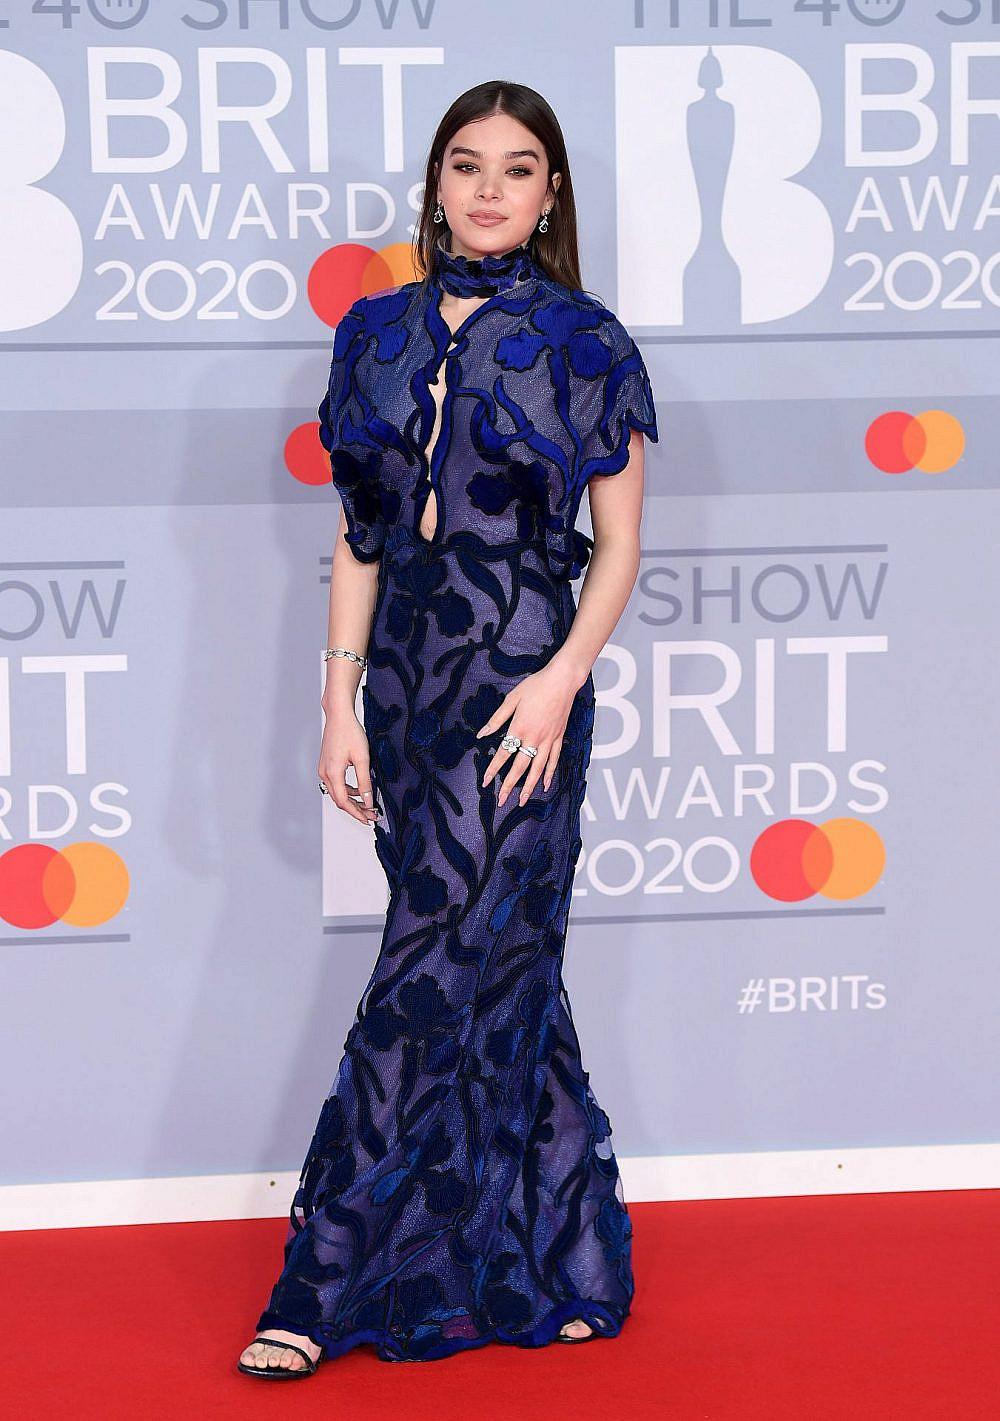 היילי סטיינפלד בטקס פרסי הבריטס | צילום: Karwai Tang/WireImage